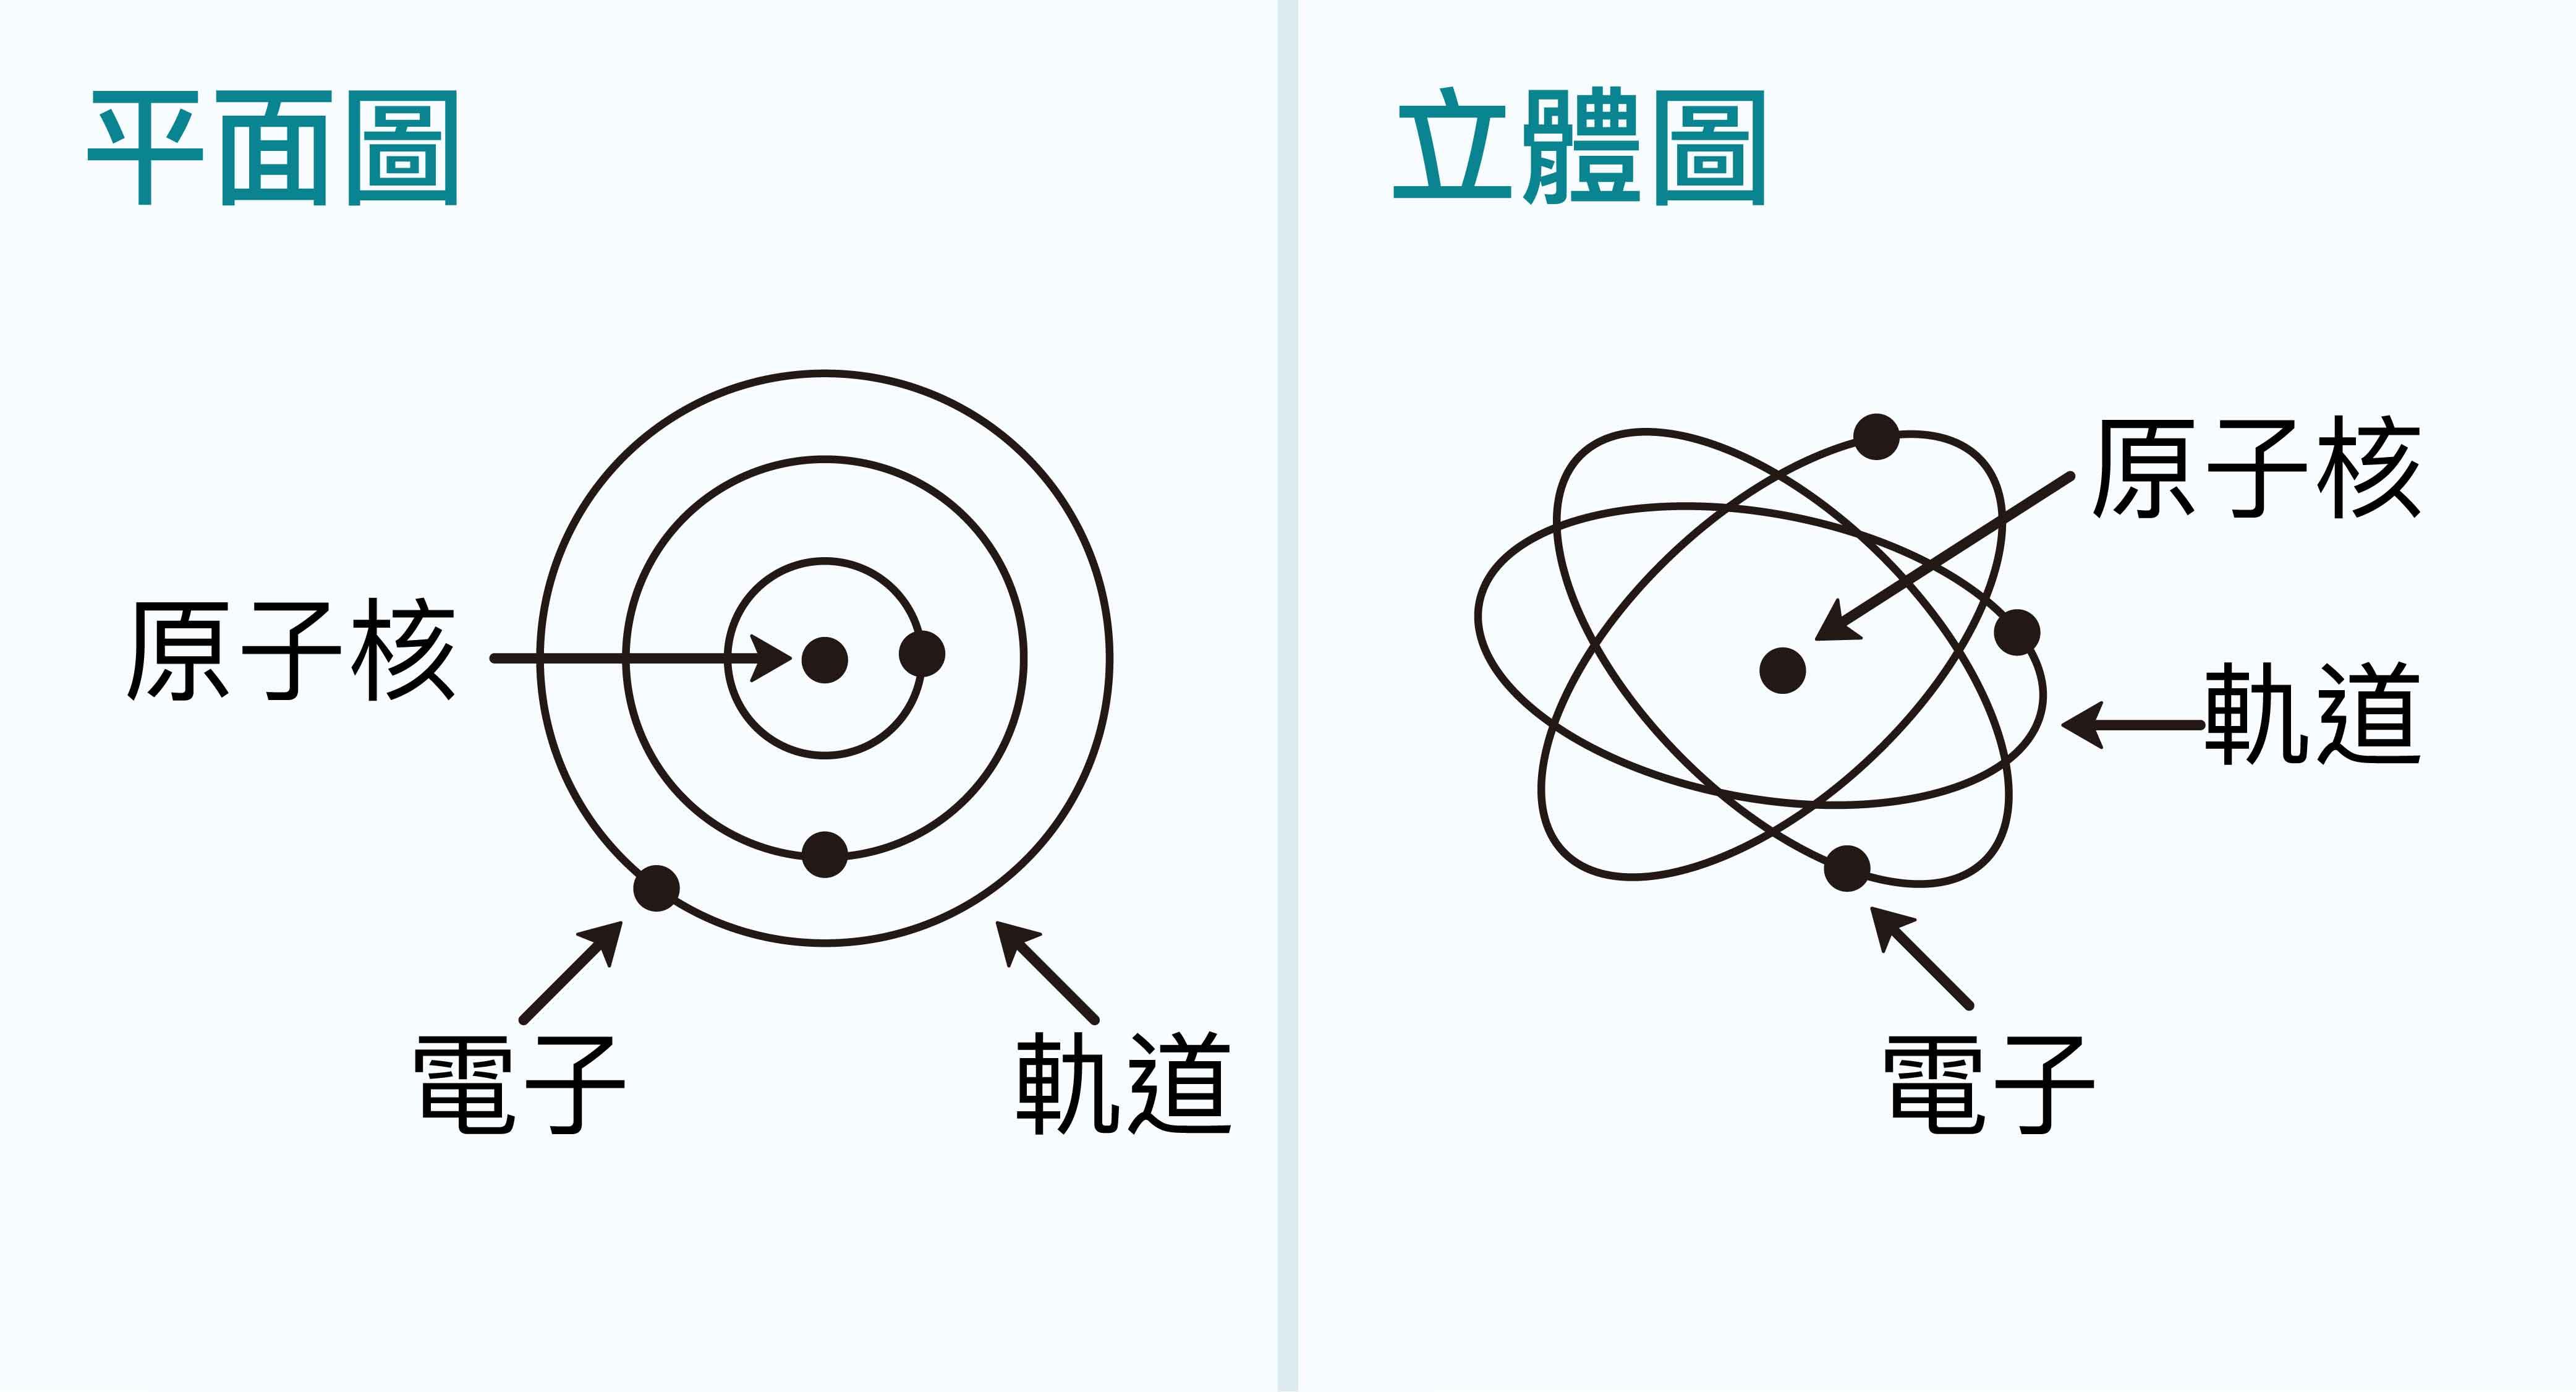 「原子」組成,包含原子核心的「質子」 與「中子」, 和環繞著原子核運行的「電子」。圖│研之有物(資料來源│進入原子的世界)